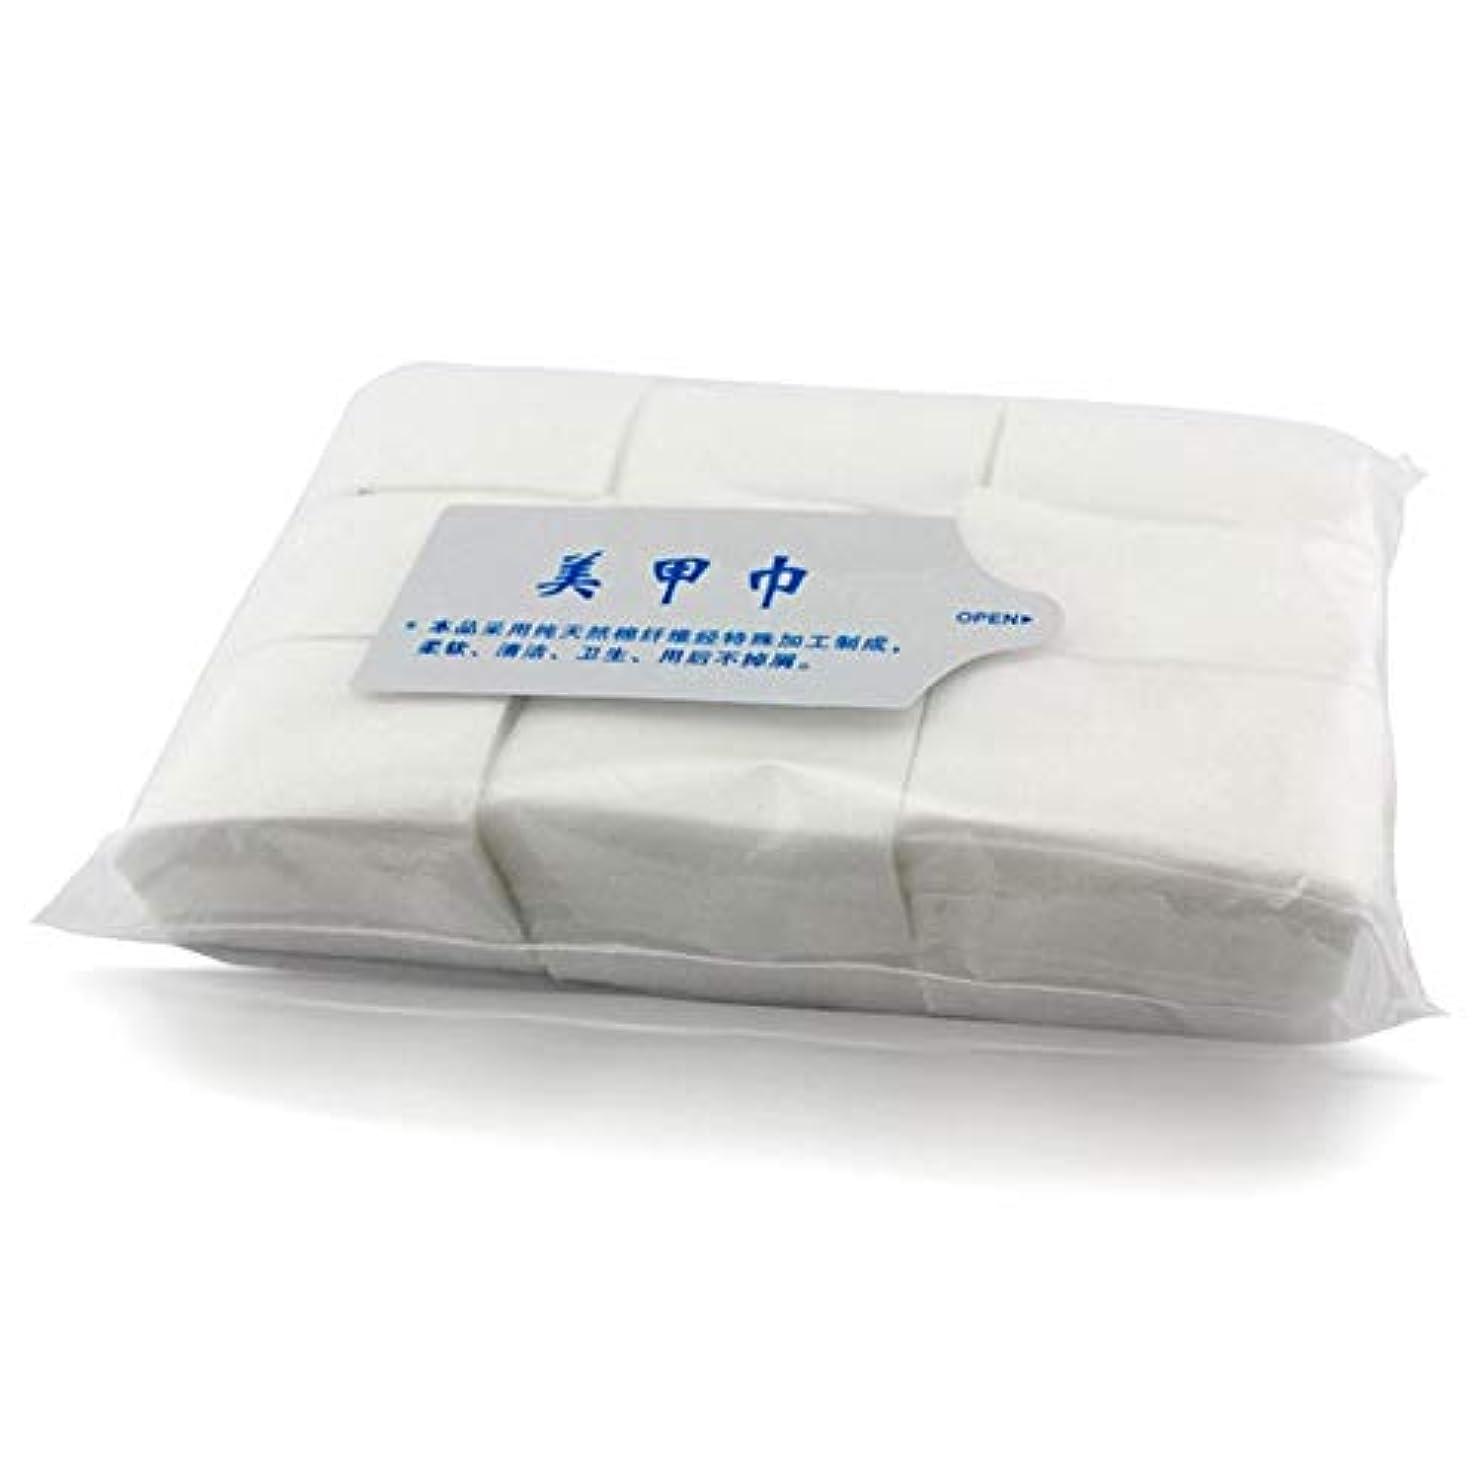 影響する定義する手配するネイルワイプ 天然素材不織布 900枚入り コットン ワイプ/ジェル ネイル マニュキア オフ (2pack)